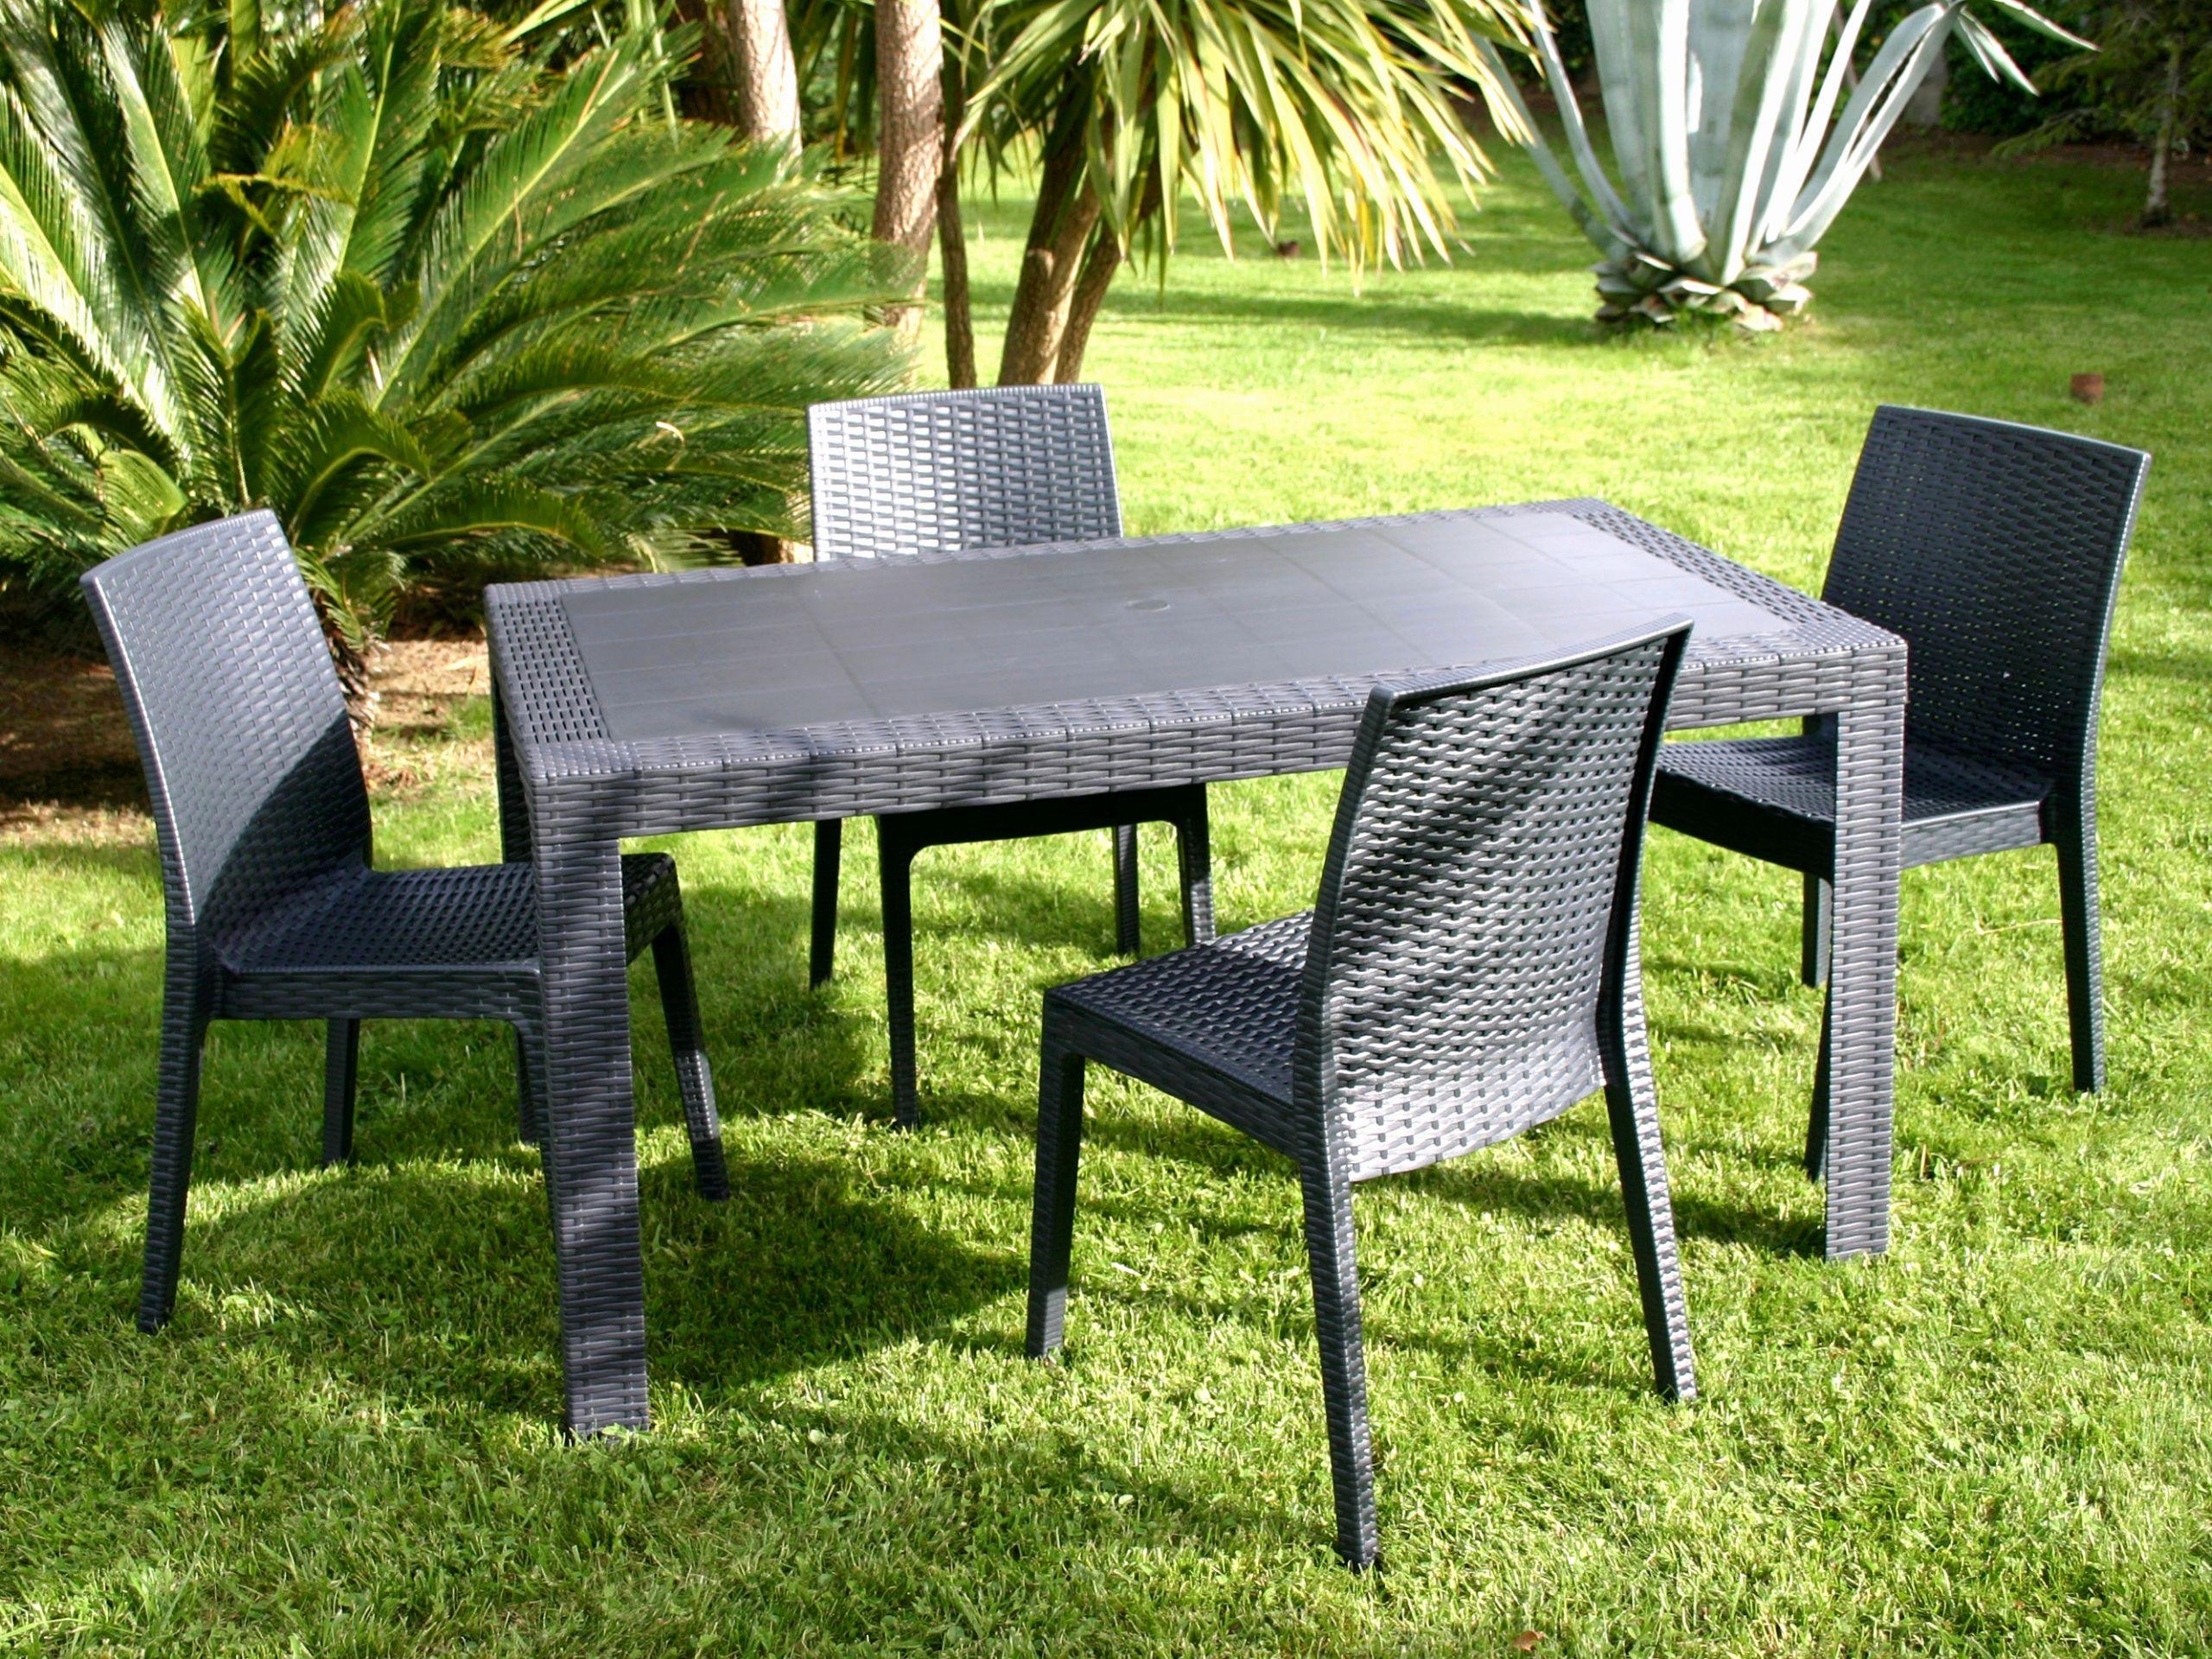 Table Exterieur Carrefour Best Of Catalogue Carrefour Abris ... destiné Fauteuil De Jardin Carrefour